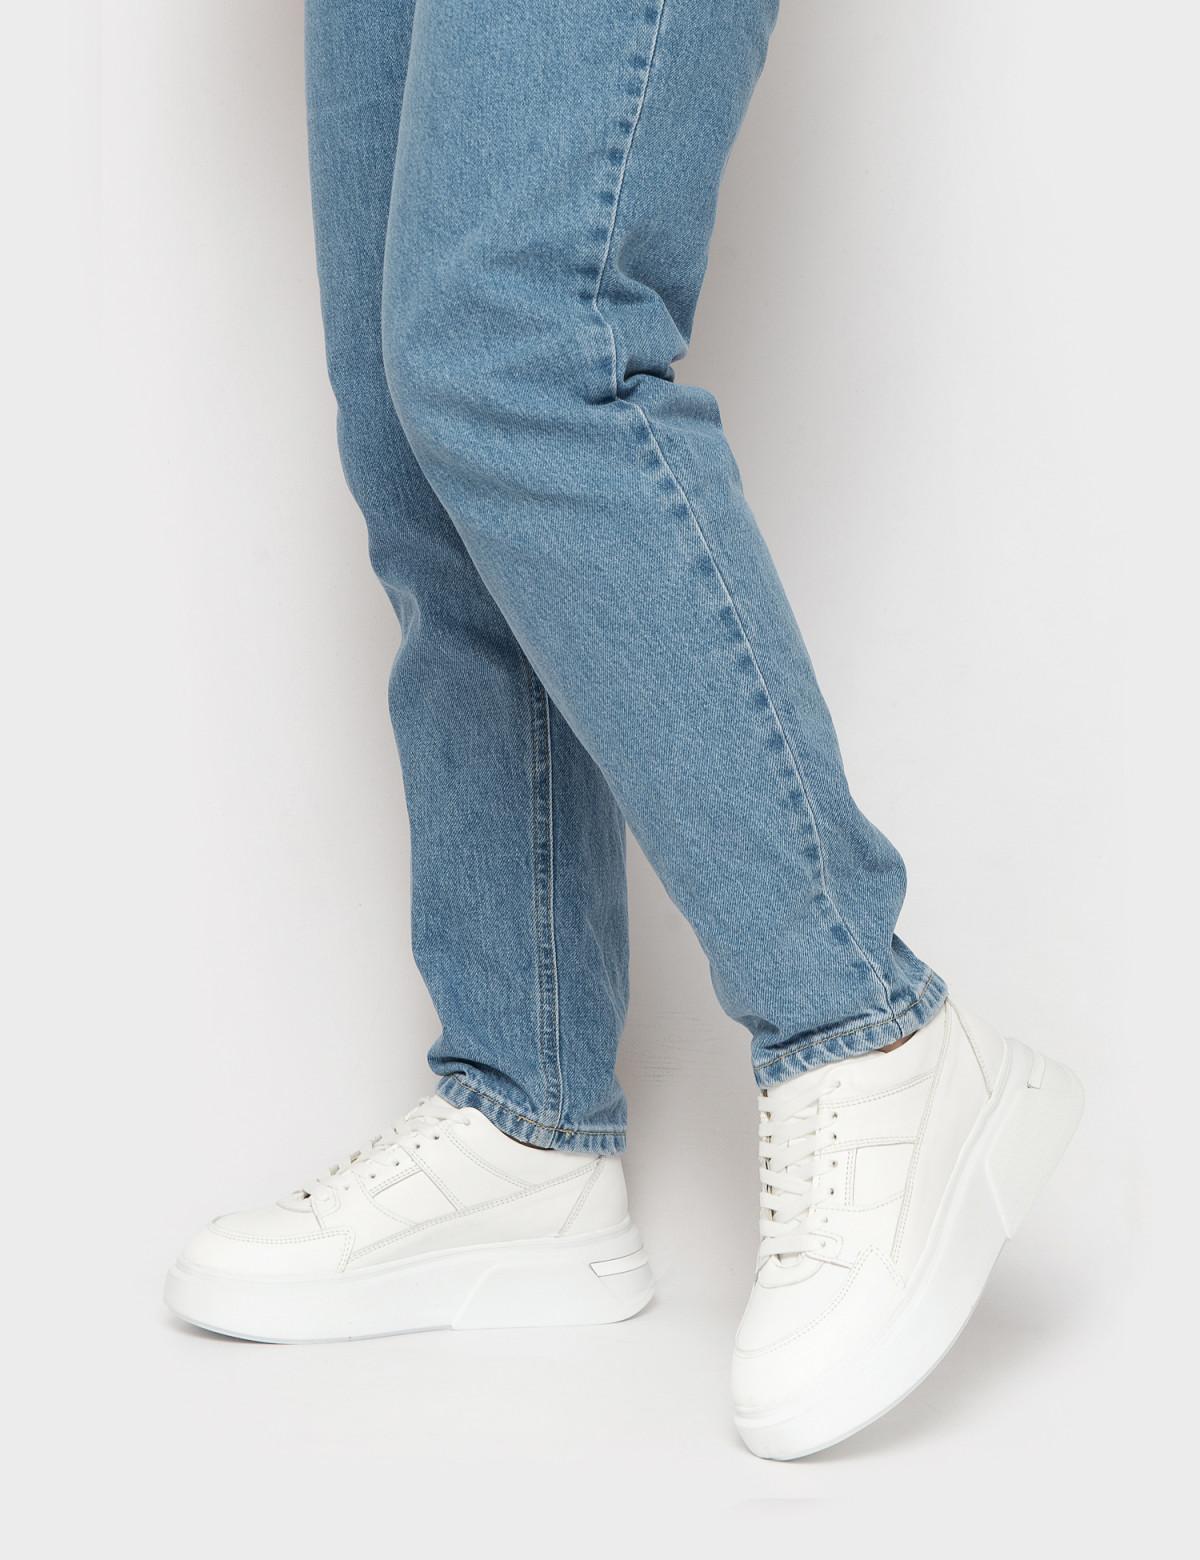 Кросівки білі. Натуральна шкіра4